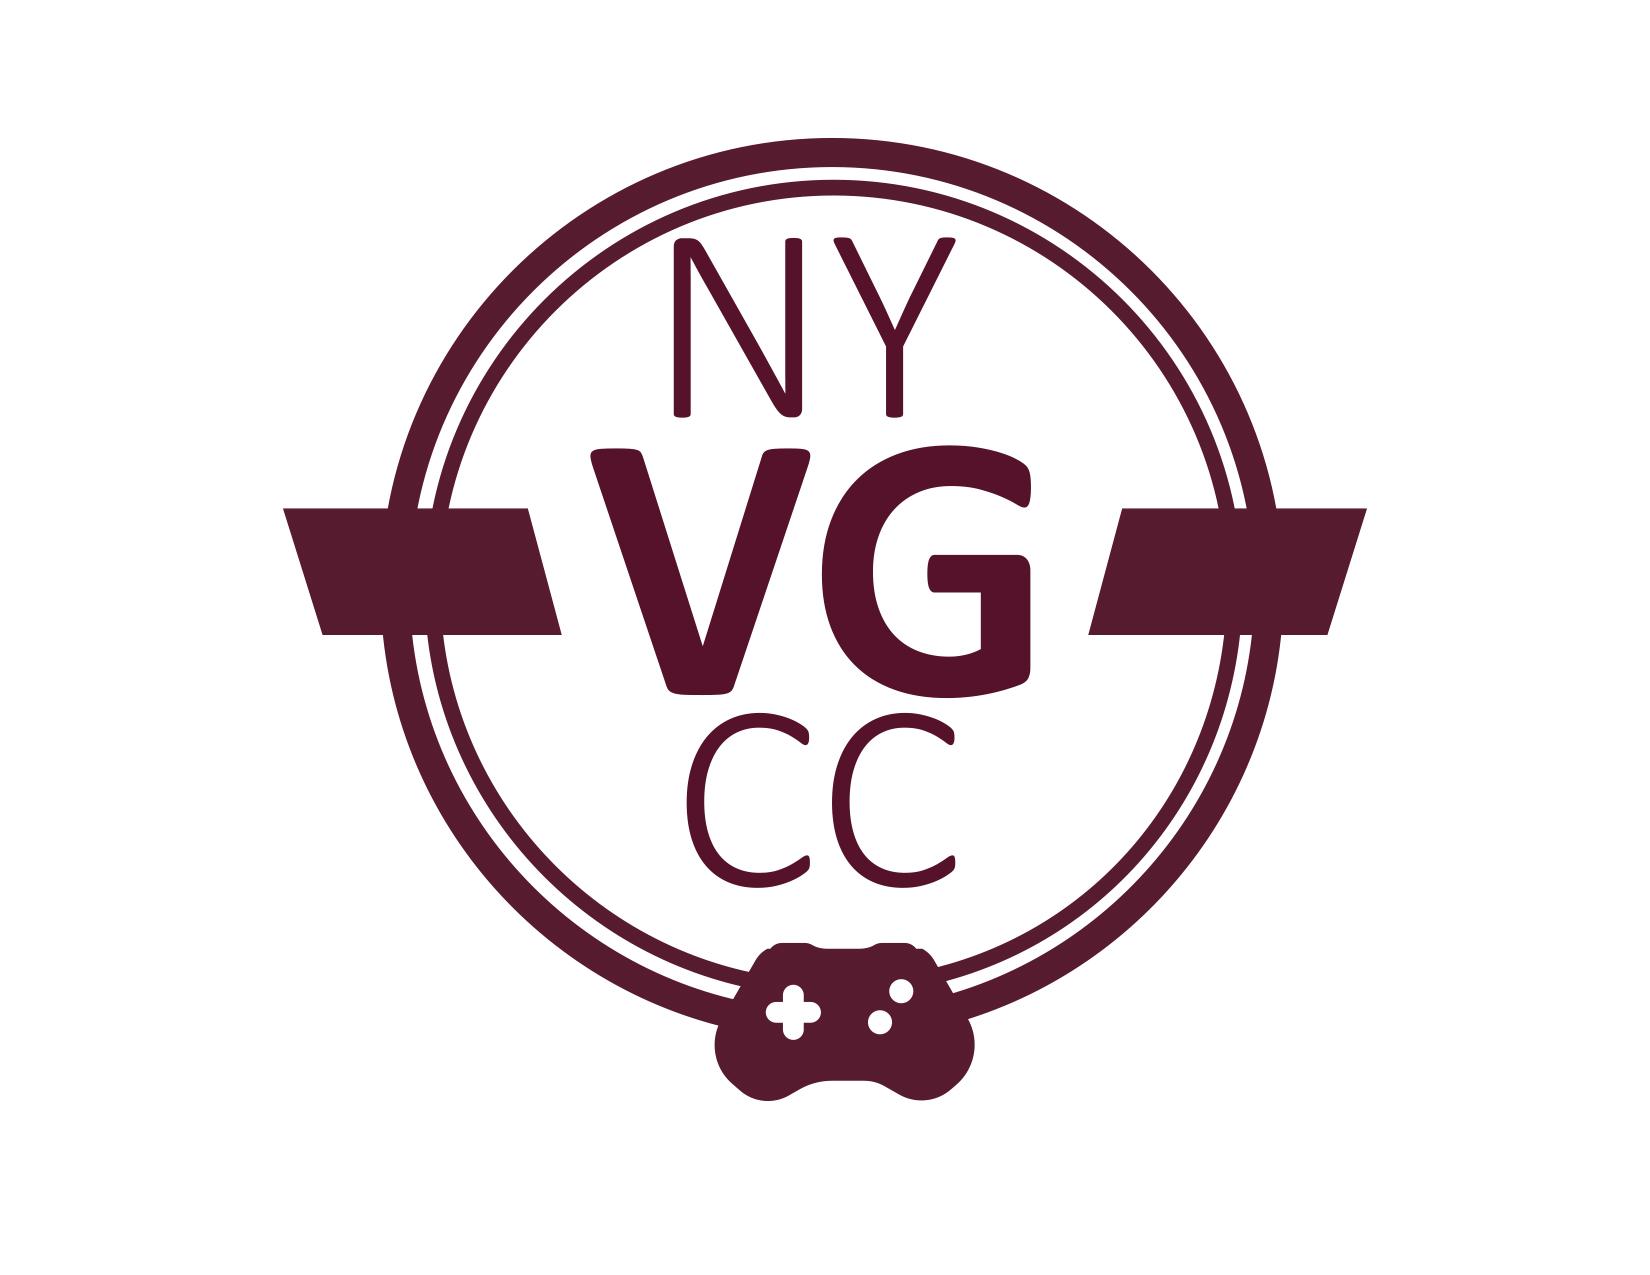 nyvgcc_logo_2016m